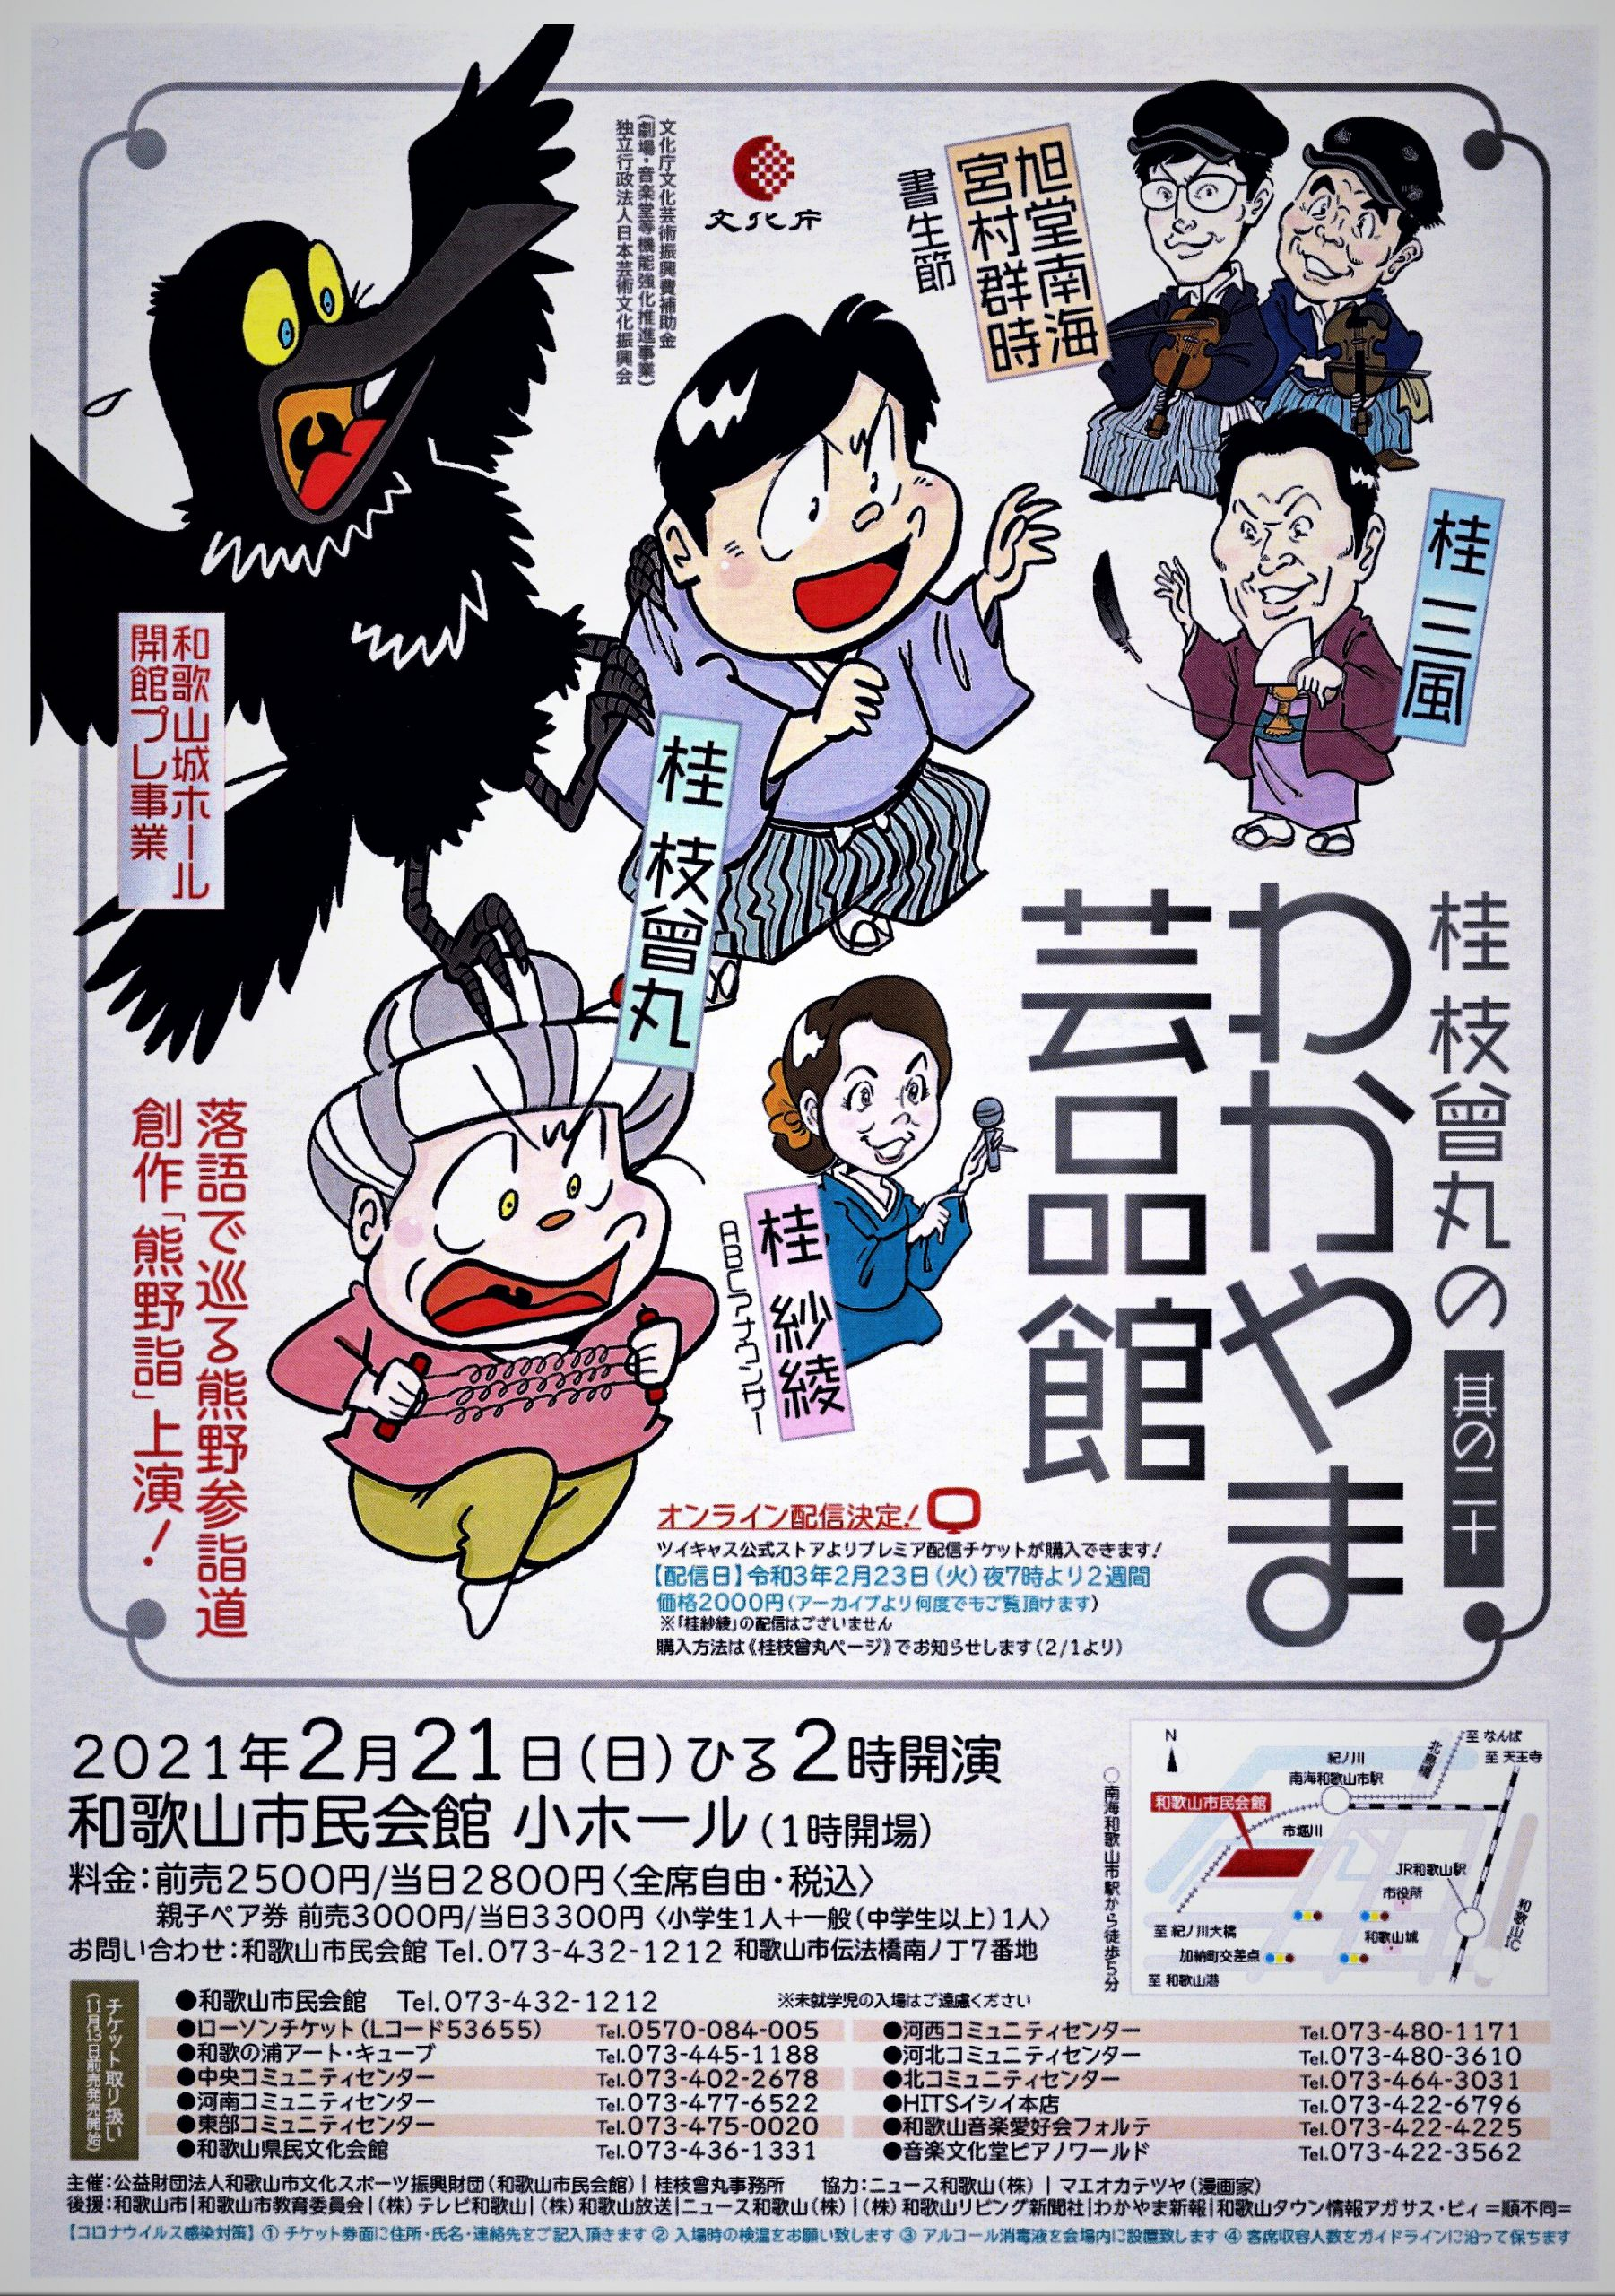 和歌山城ホール開館プレ事業 『桂枝曾丸のわかやま芸品館 其の二十』開催